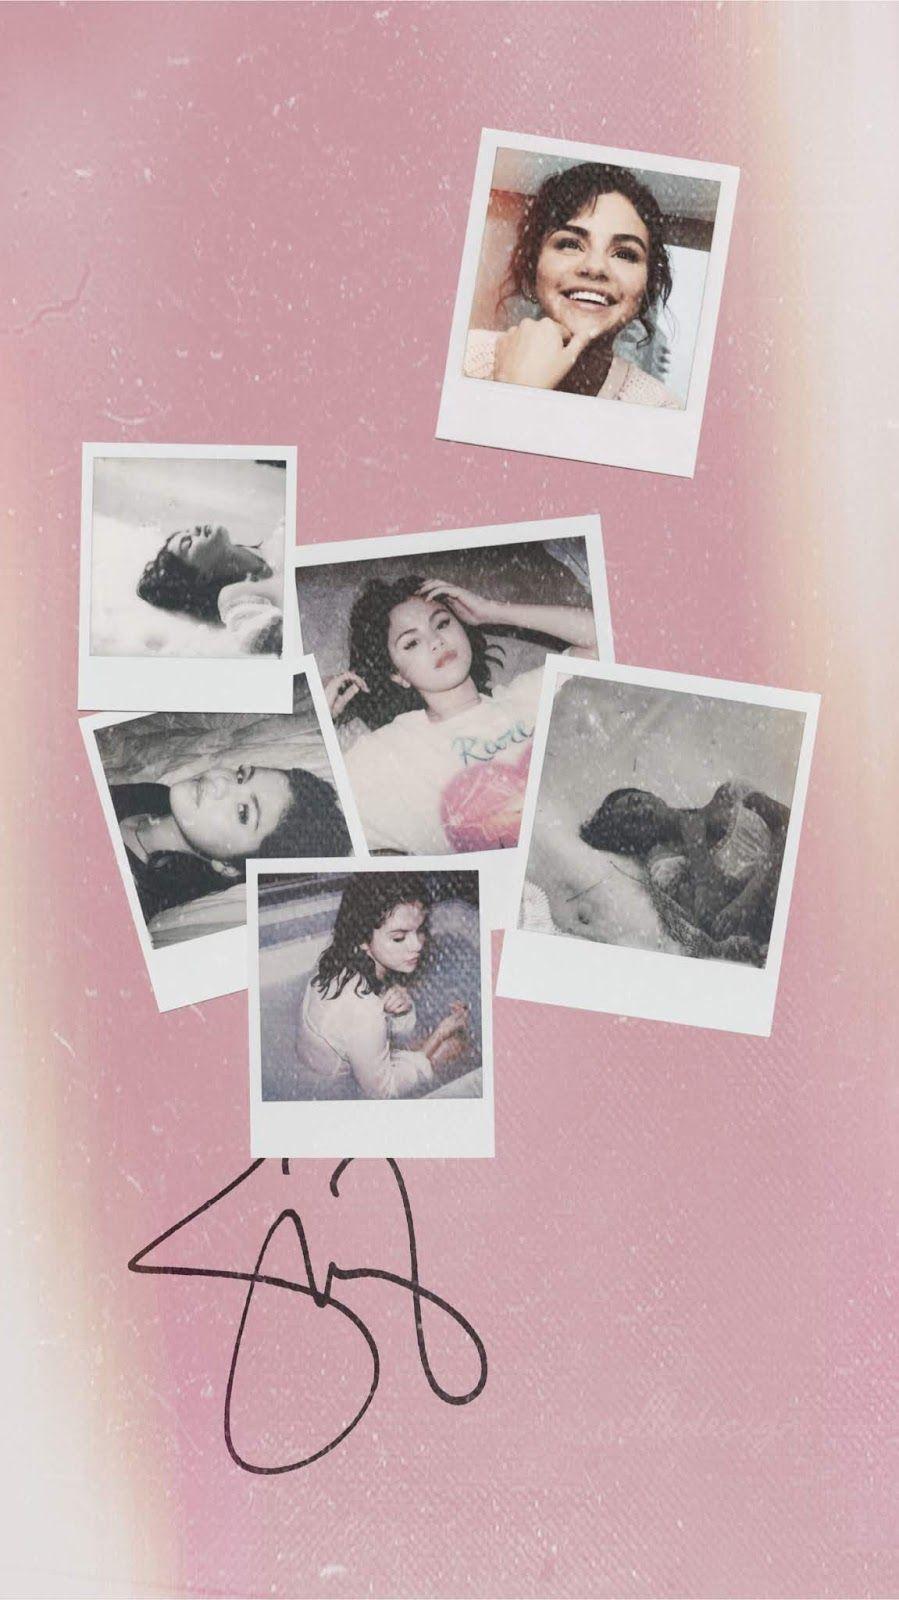 Selena Gomez Rare Wallpapers In 2020 Selena Gomez Wallpaper Selena Gomez Cute Selena Gomez